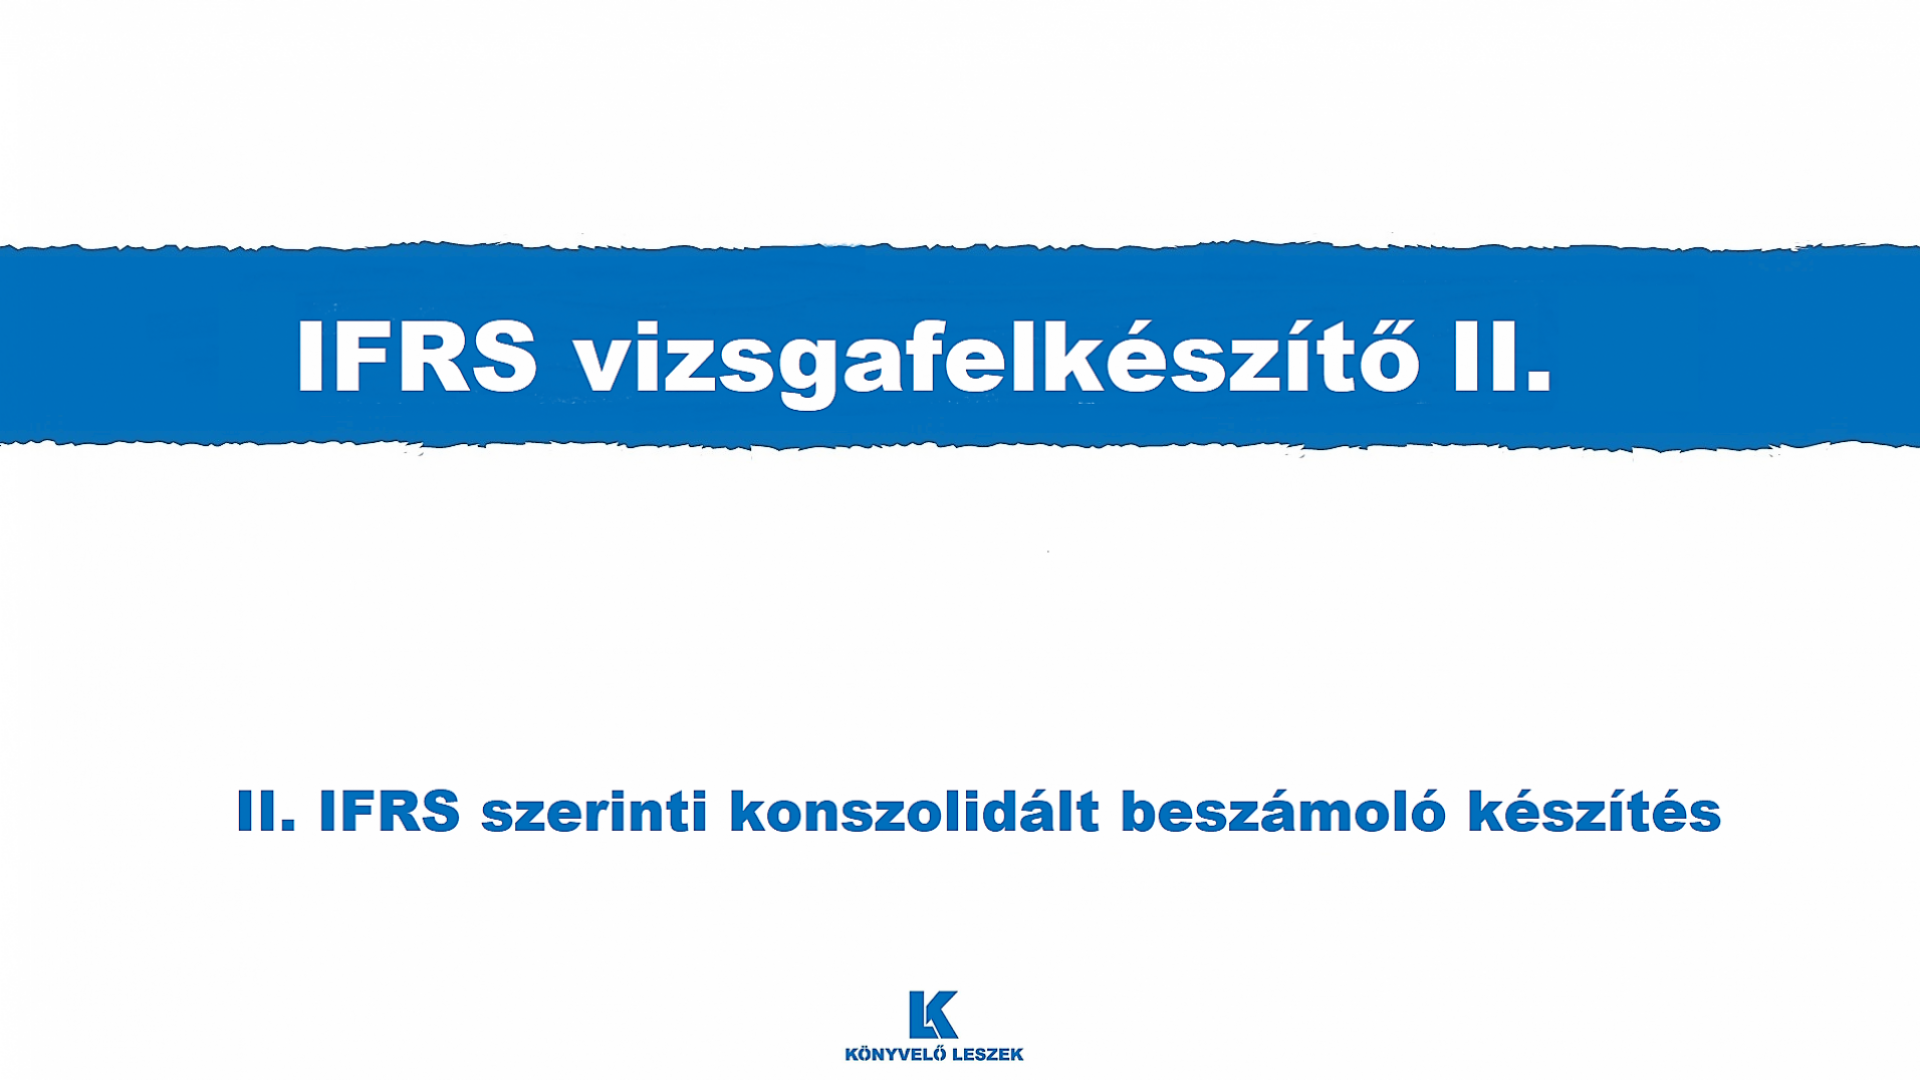 IFRS vizsgafelkészítő II.